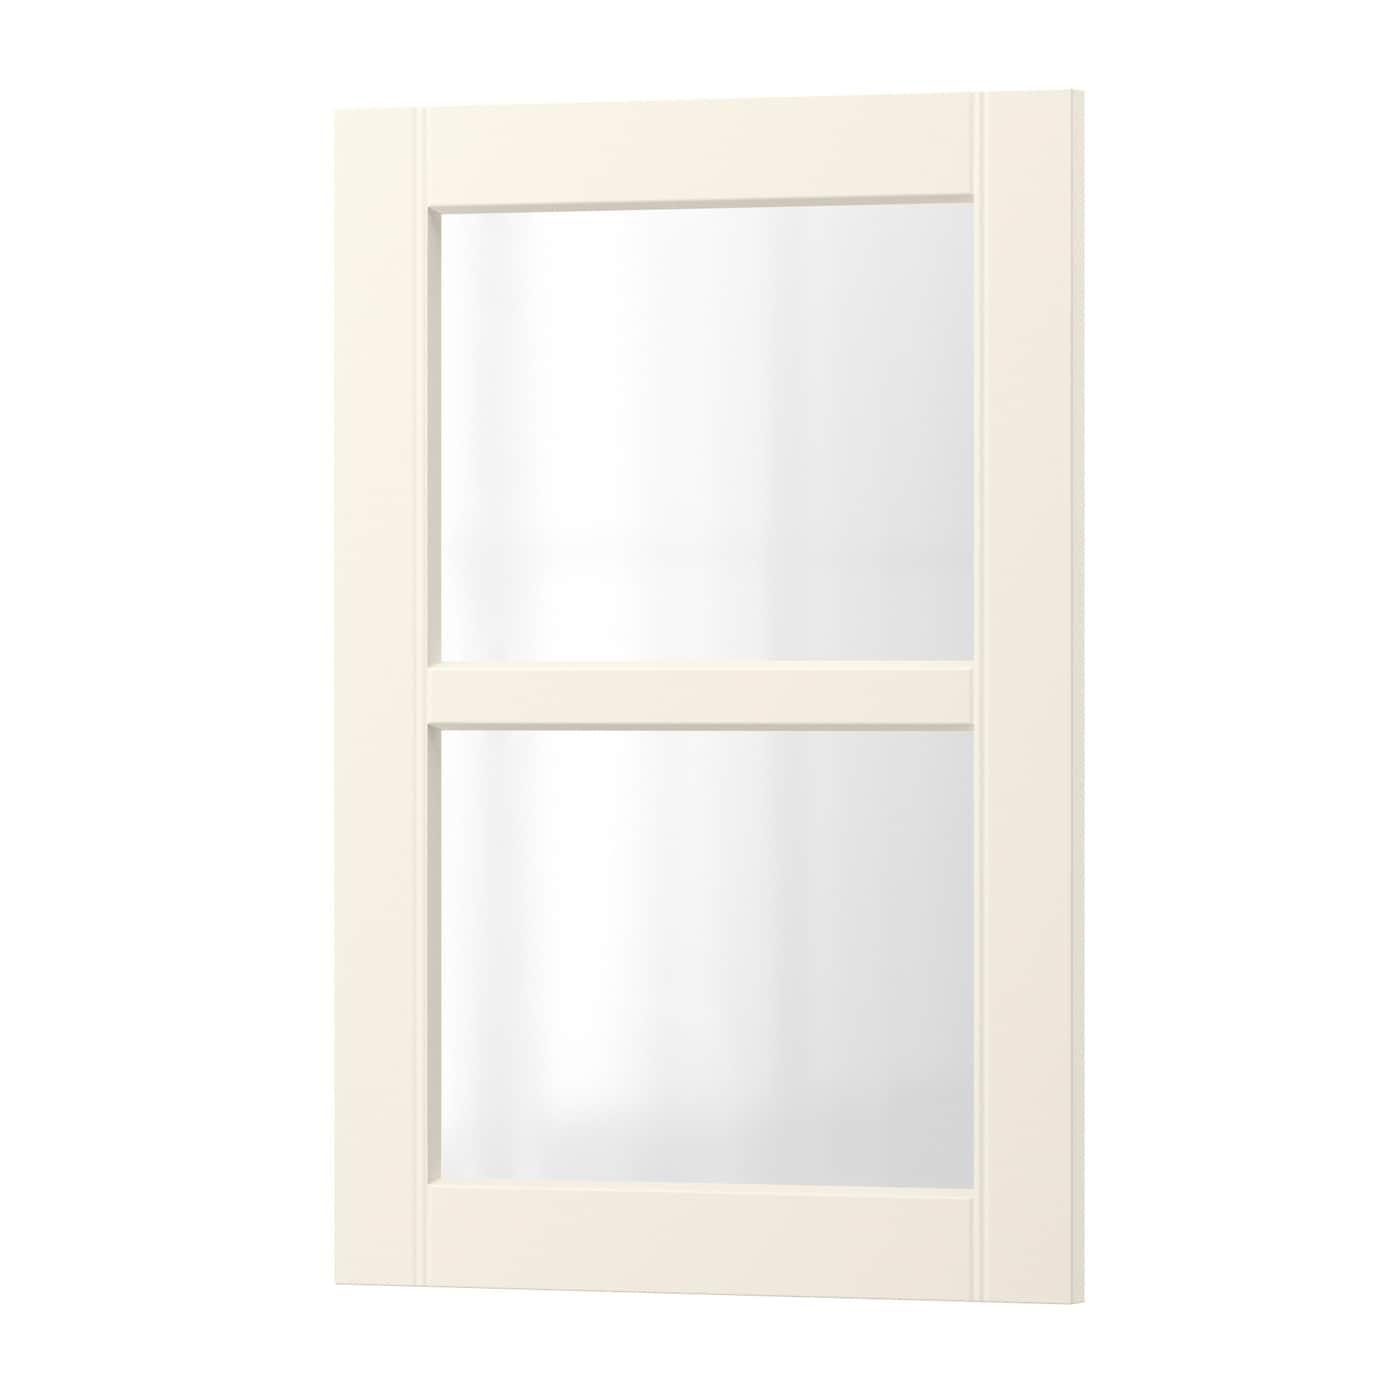 Ikea Door Style Of The Week Hittarp: HITTARP Glass Door Off-white 40 X 60 Cm